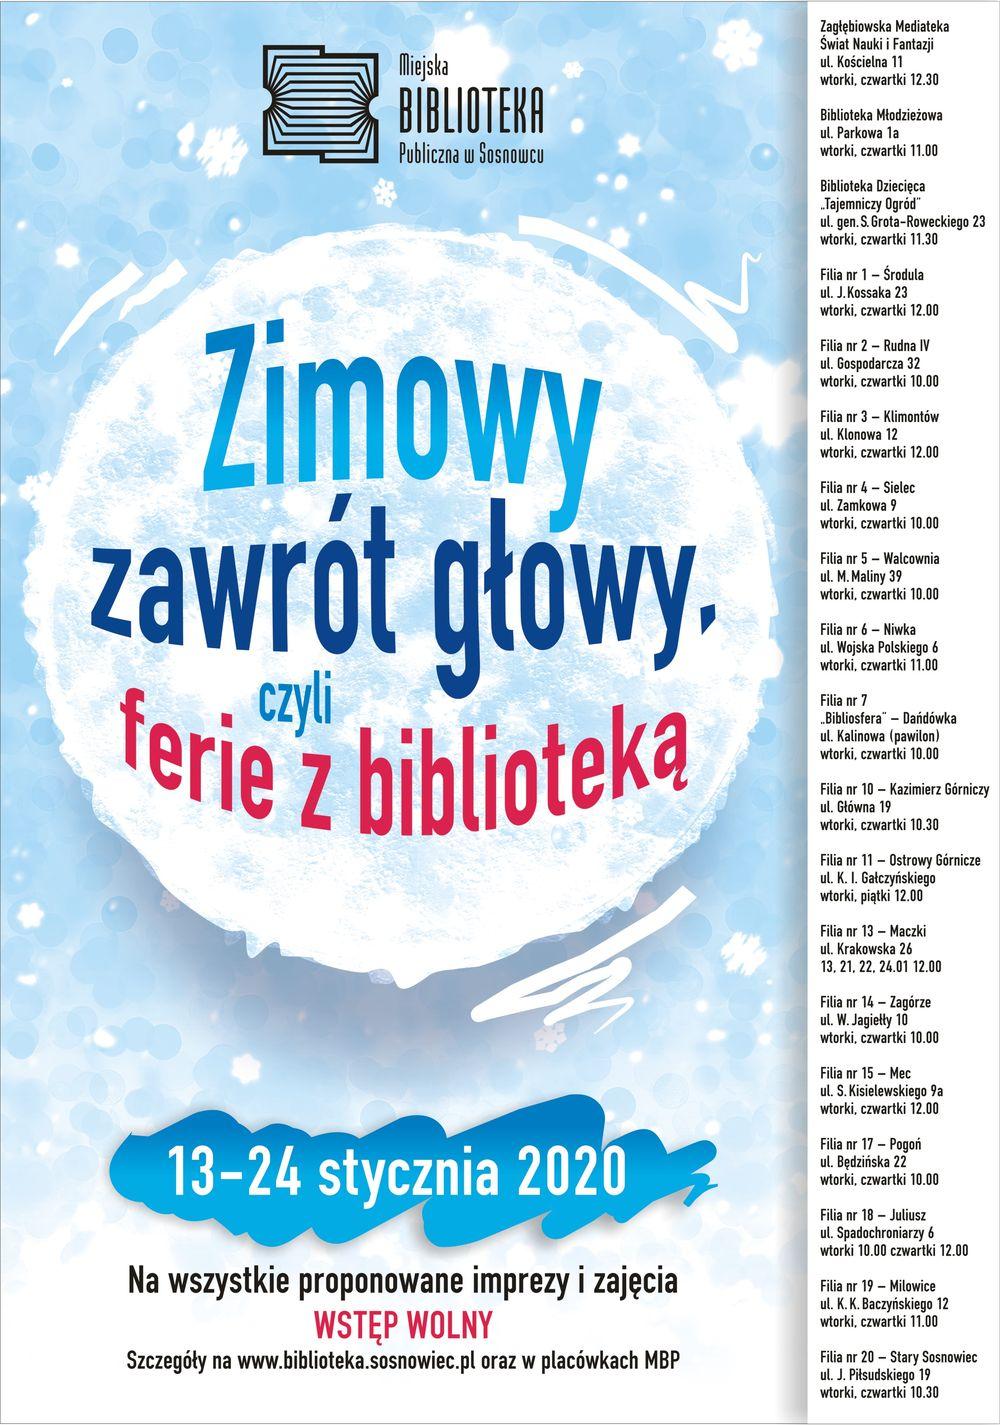 Zimowy zawrót głowy, czyli ferie z biblioteką 2020. Sosnowiec